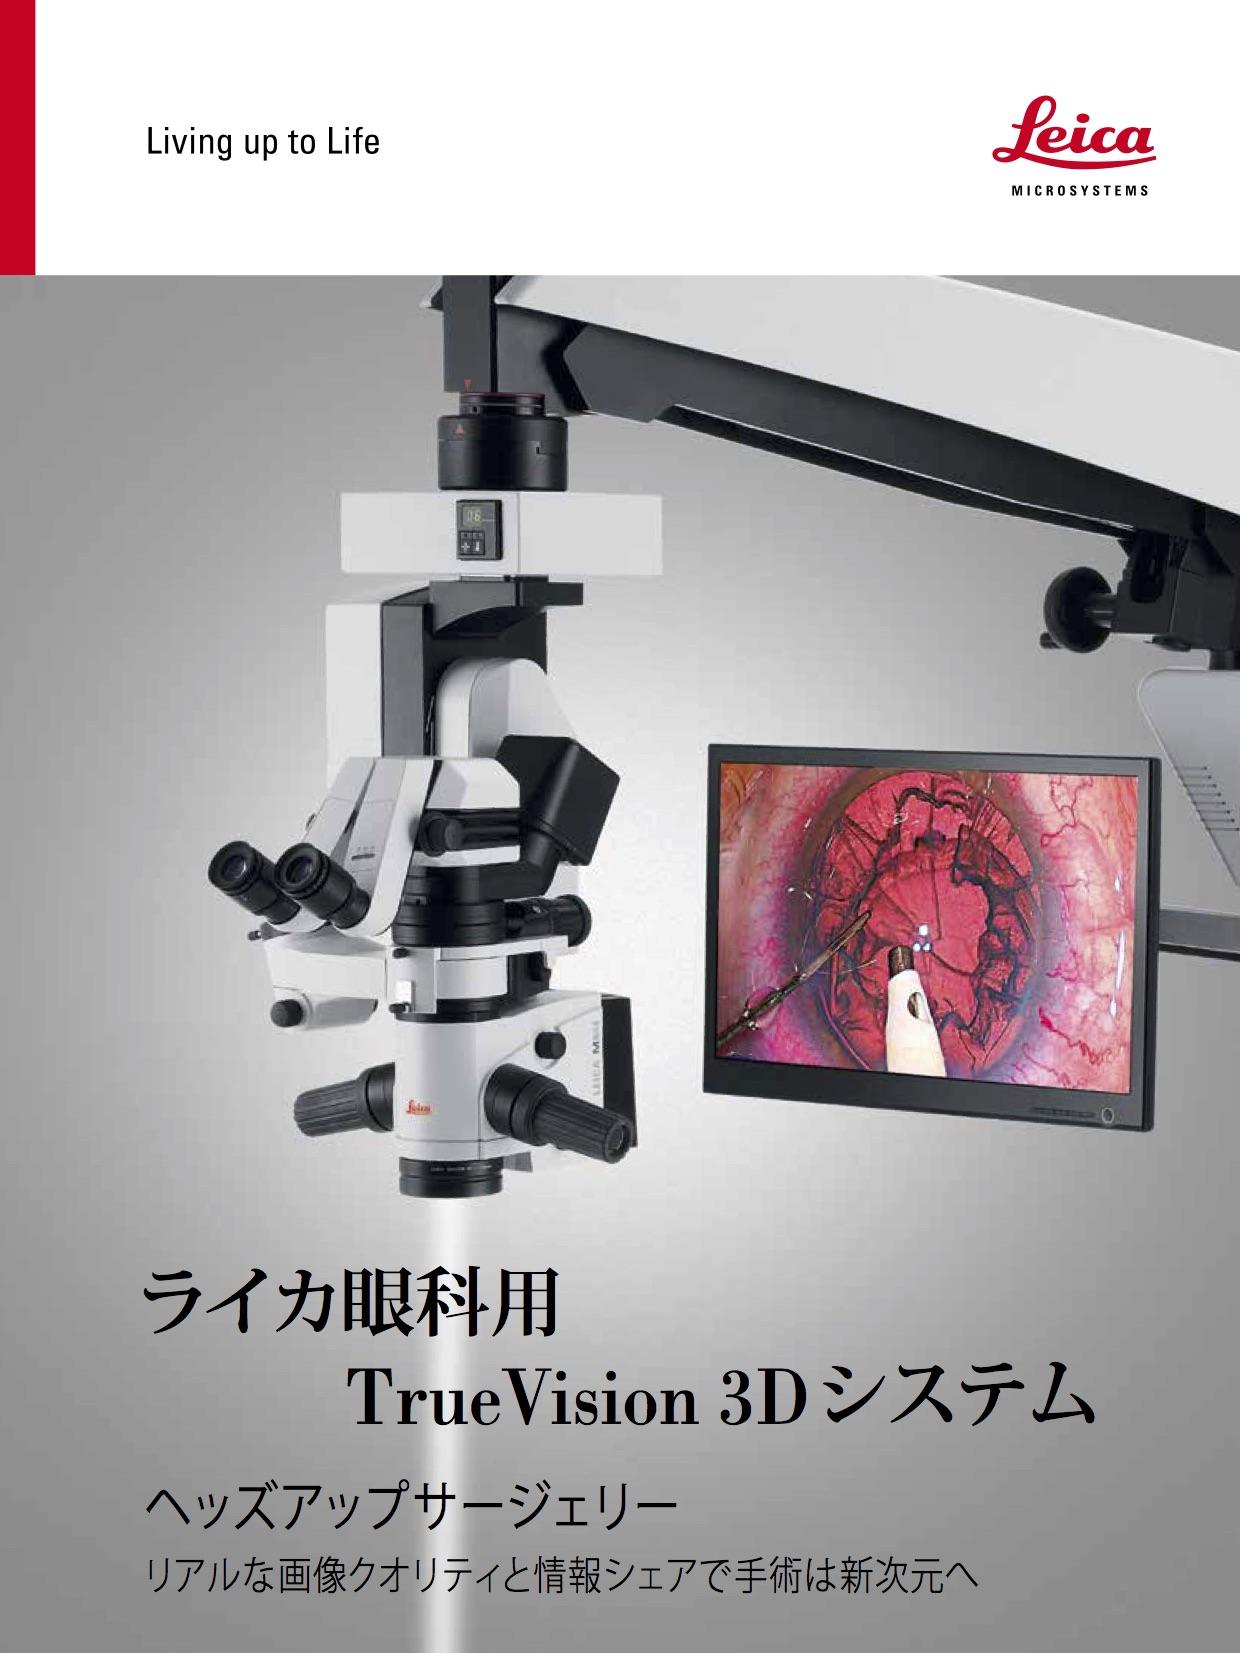 ダウンロード/眼科用 TrueVision 3D カタログ